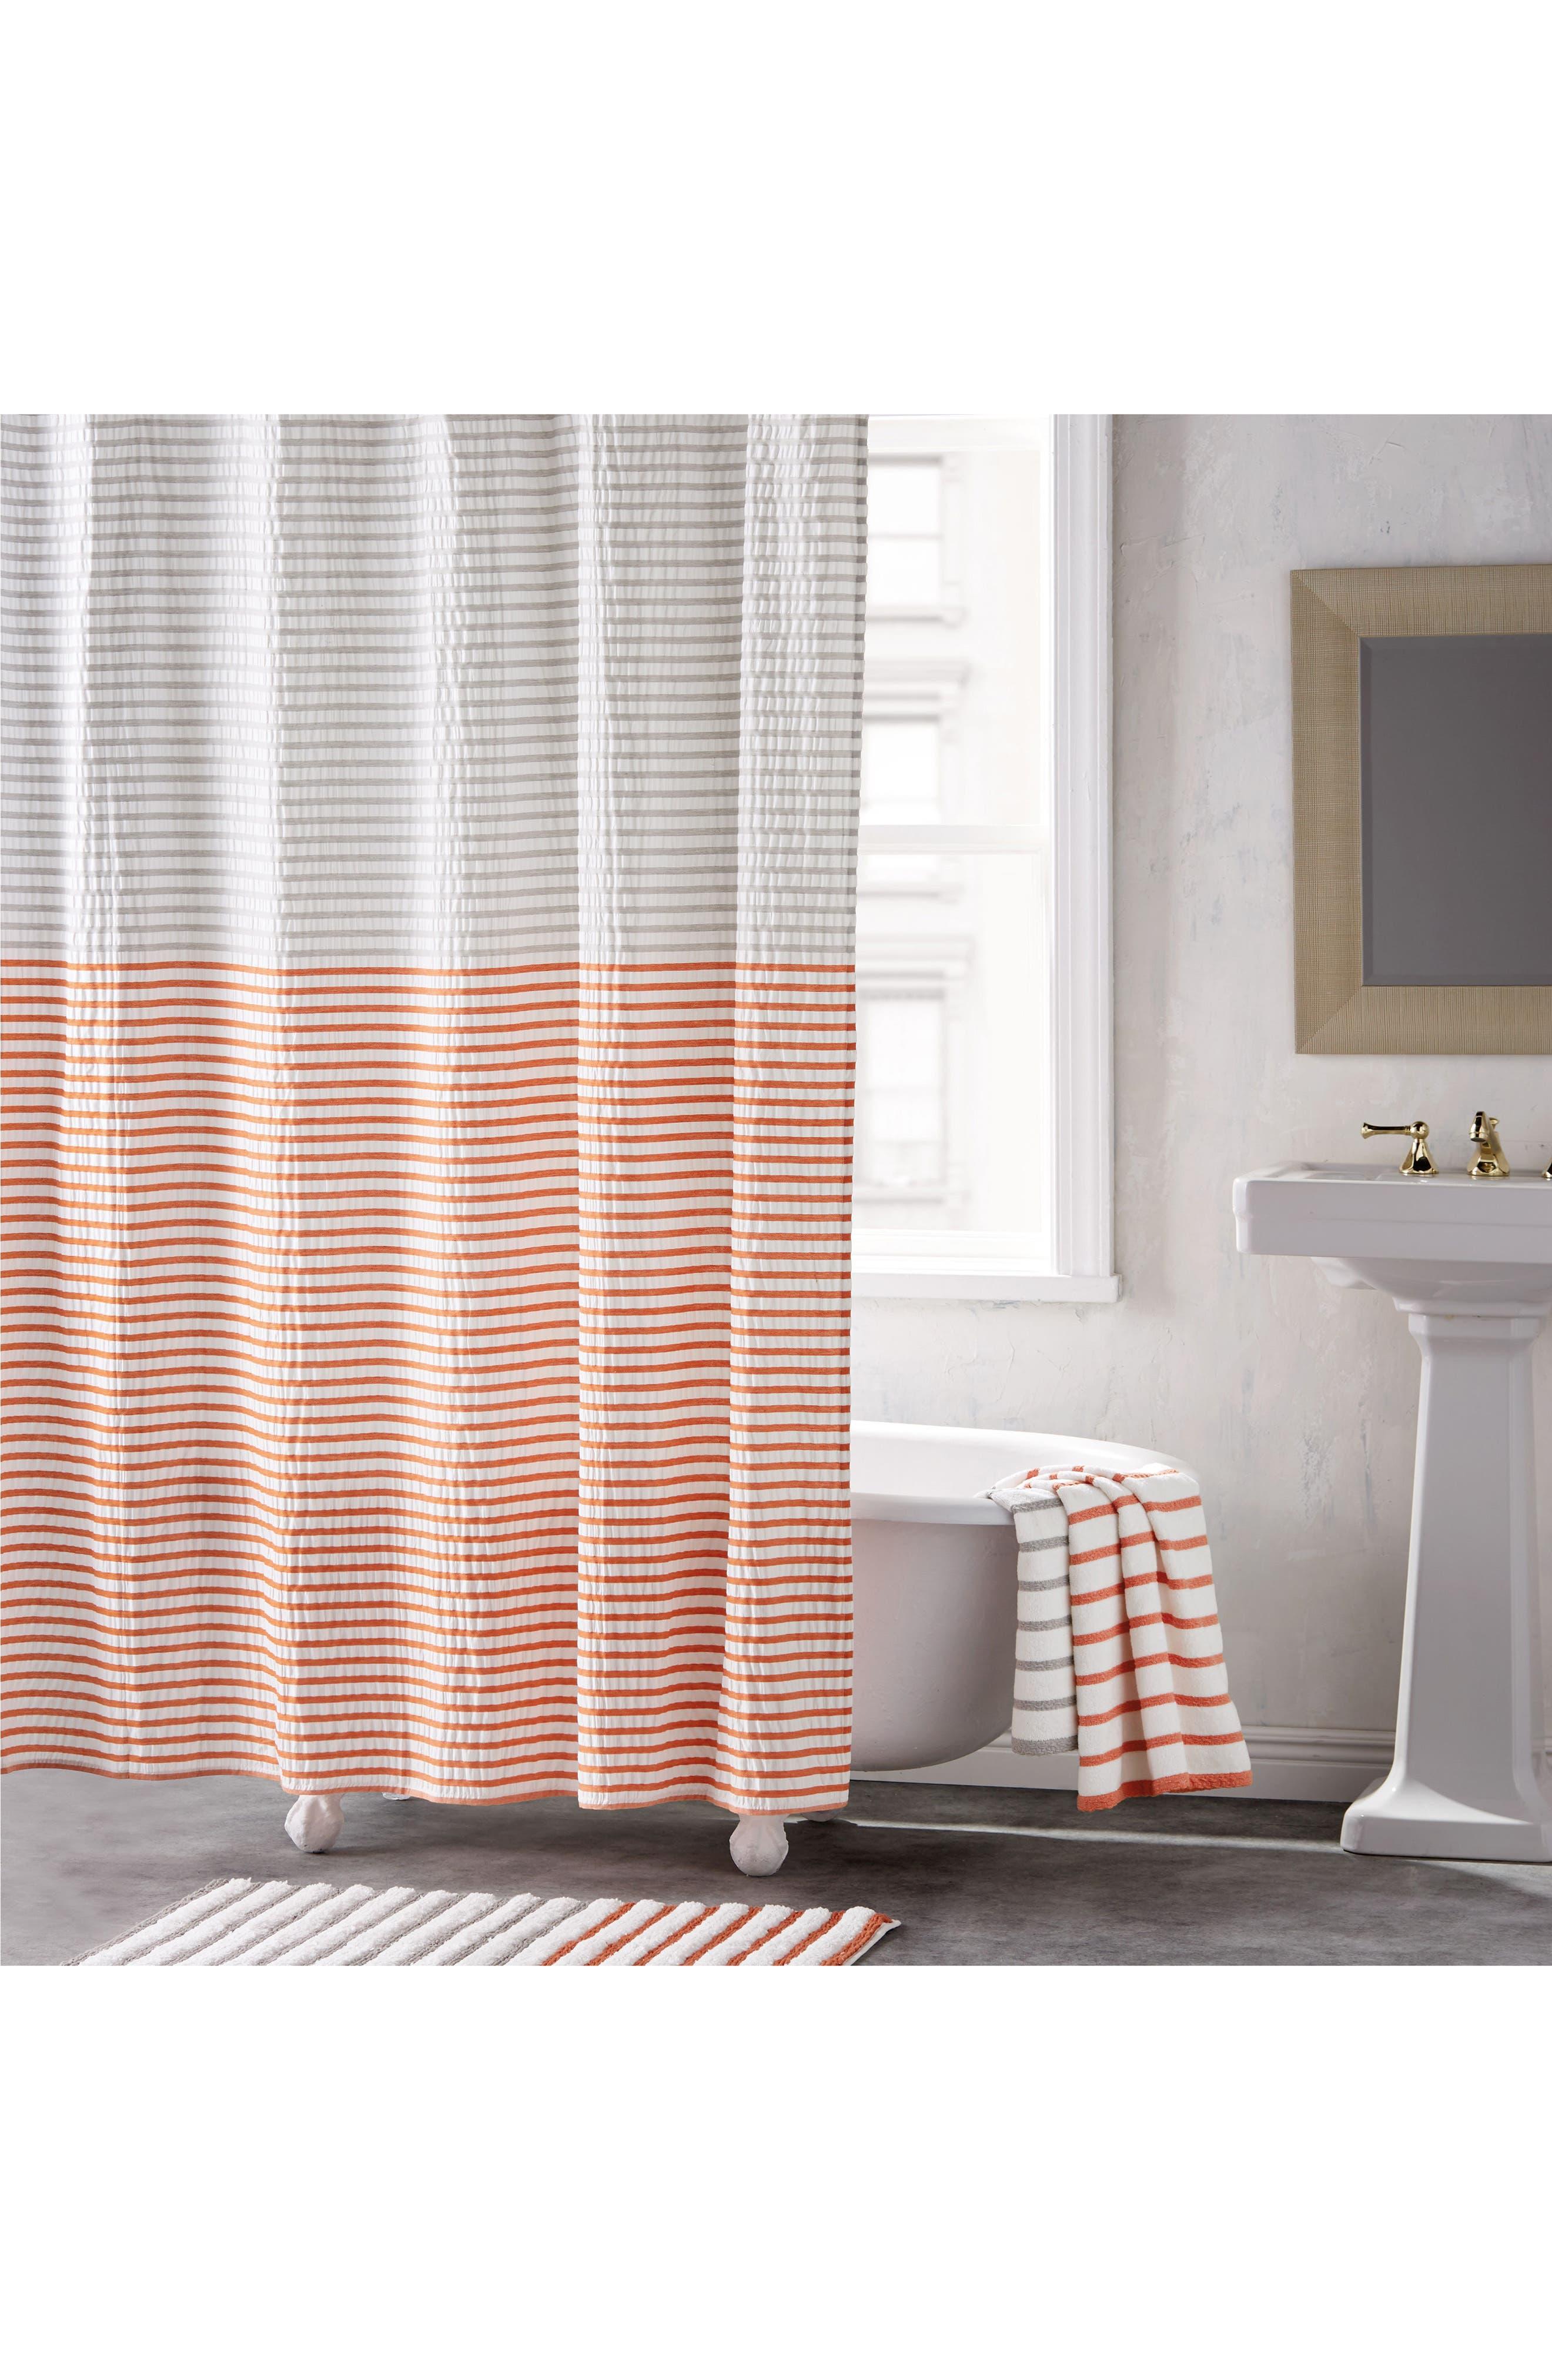 Parson Stripe Shower Curtain,                             Main thumbnail 1, color,                             VERMILLION